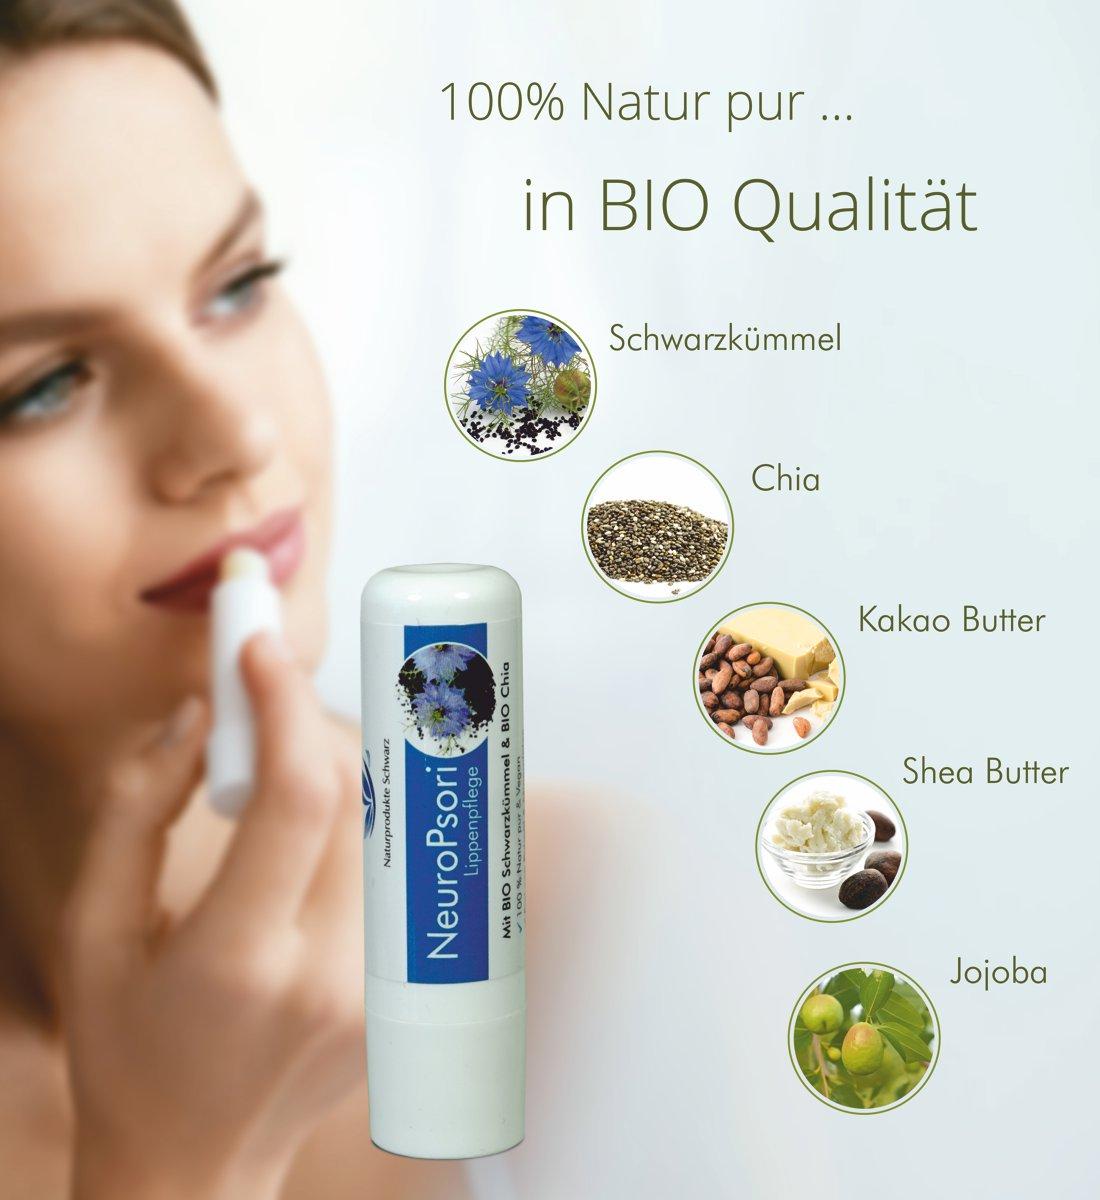 nps-neuropsori-lippenpflege-natur-purt9lHVIl3h8lFn